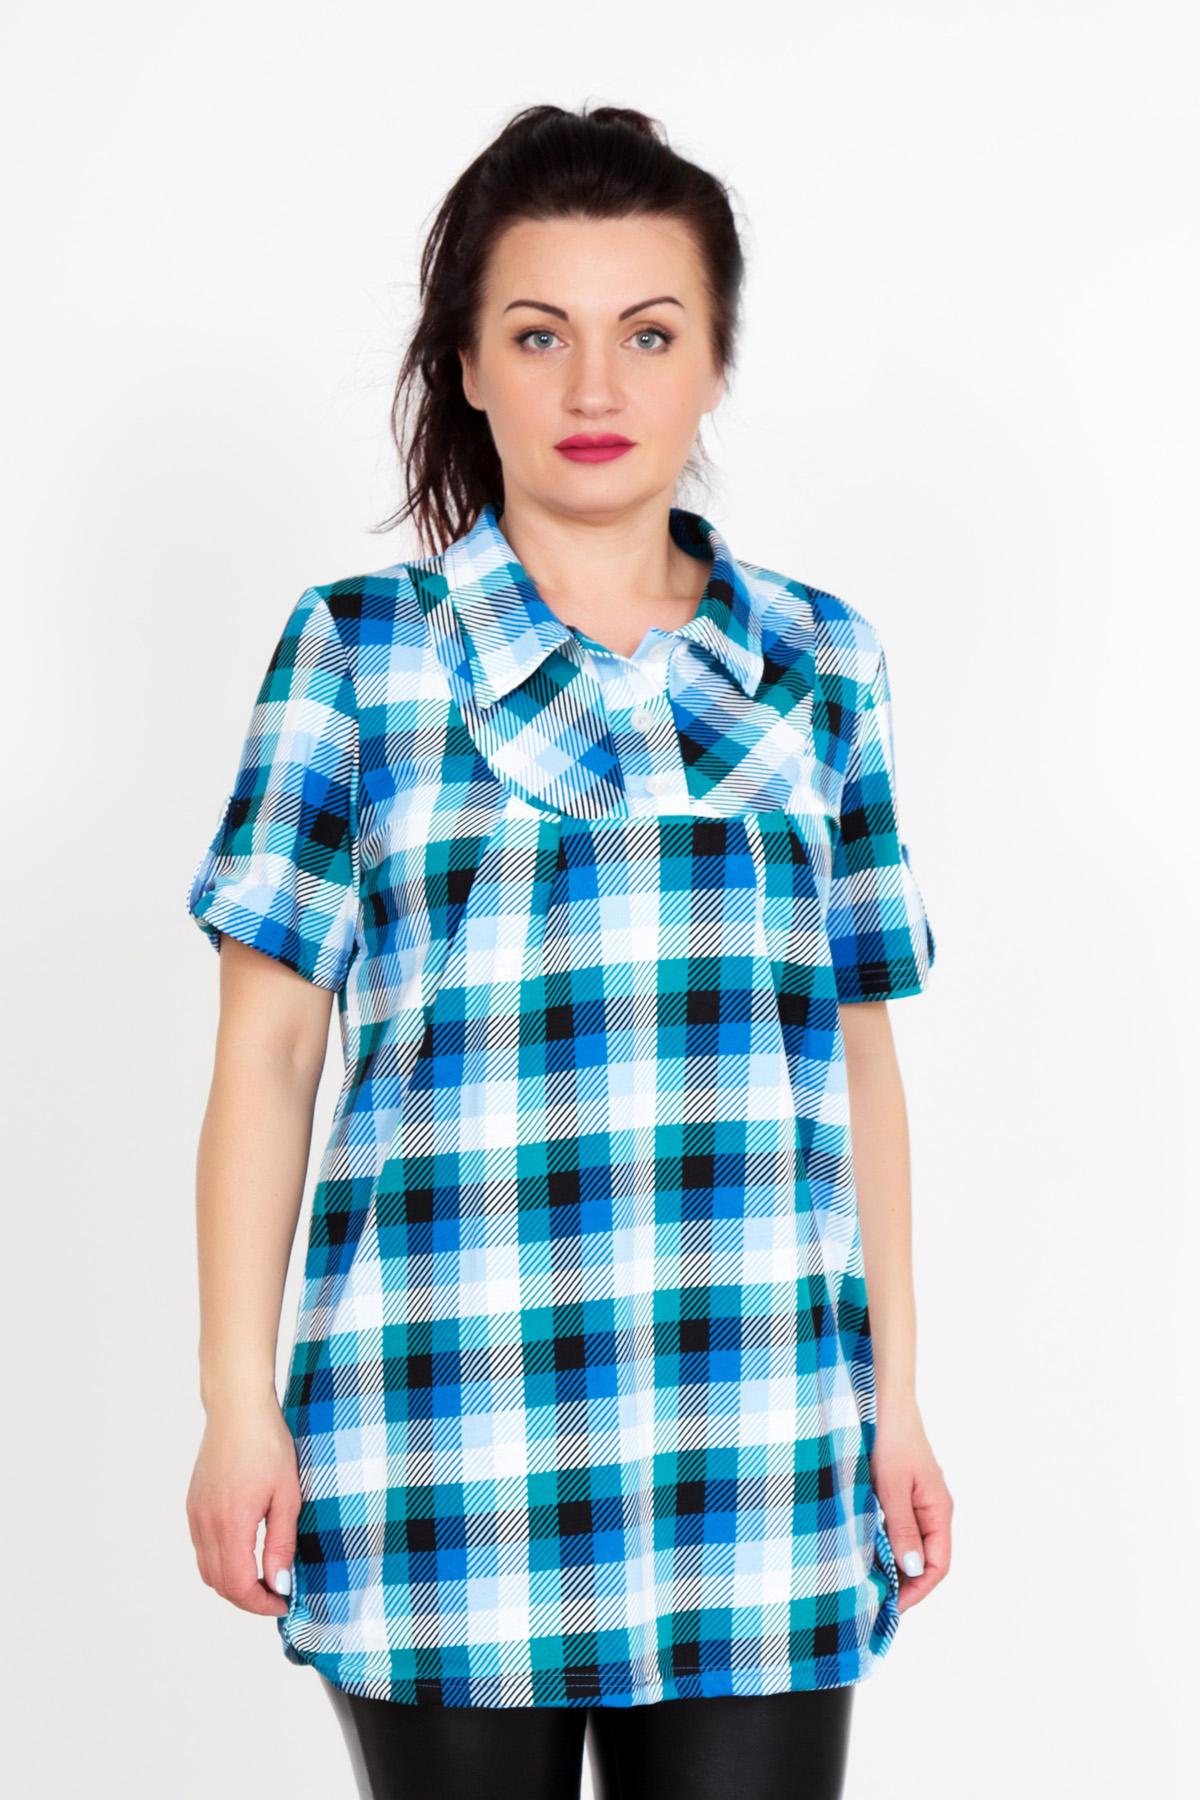 Жен. блуза Юнона Бирюзовый р. 58Распродажа женской одежды<br>Обхват груди: 116 см <br>Обхват талии: 97 см <br>Обхват бедер: 124 см <br>Длина по спинке: 74 см <br>Рост: 167 см<br><br>Тип: Жен. блуза<br>Размер: 58<br>Материал: Кулирка